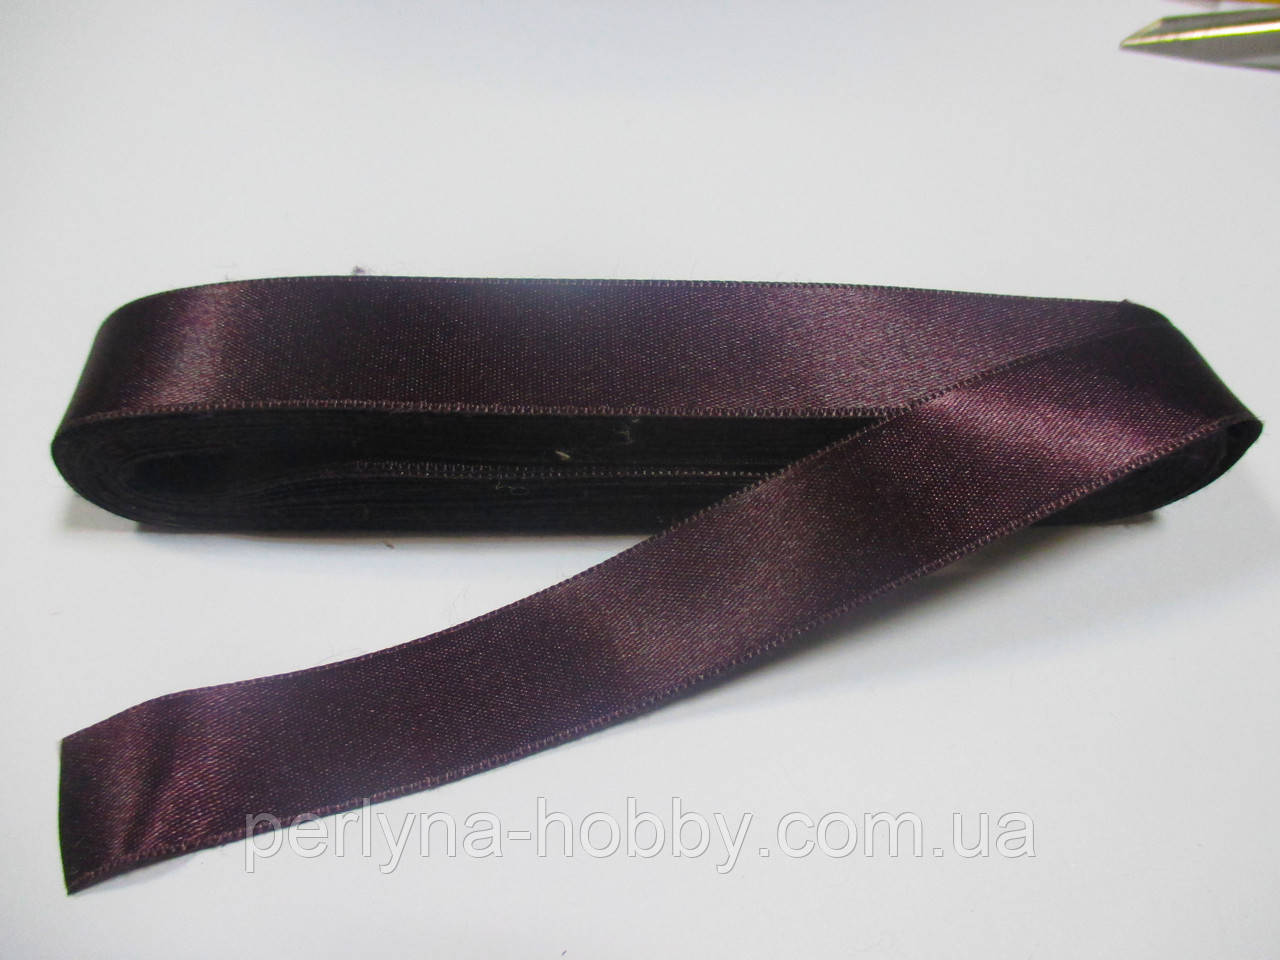 Стрічка атласна  двостороння 2 см Лента атласная двухсторонняя.( 10 метрів), фіолетова темна, сливова